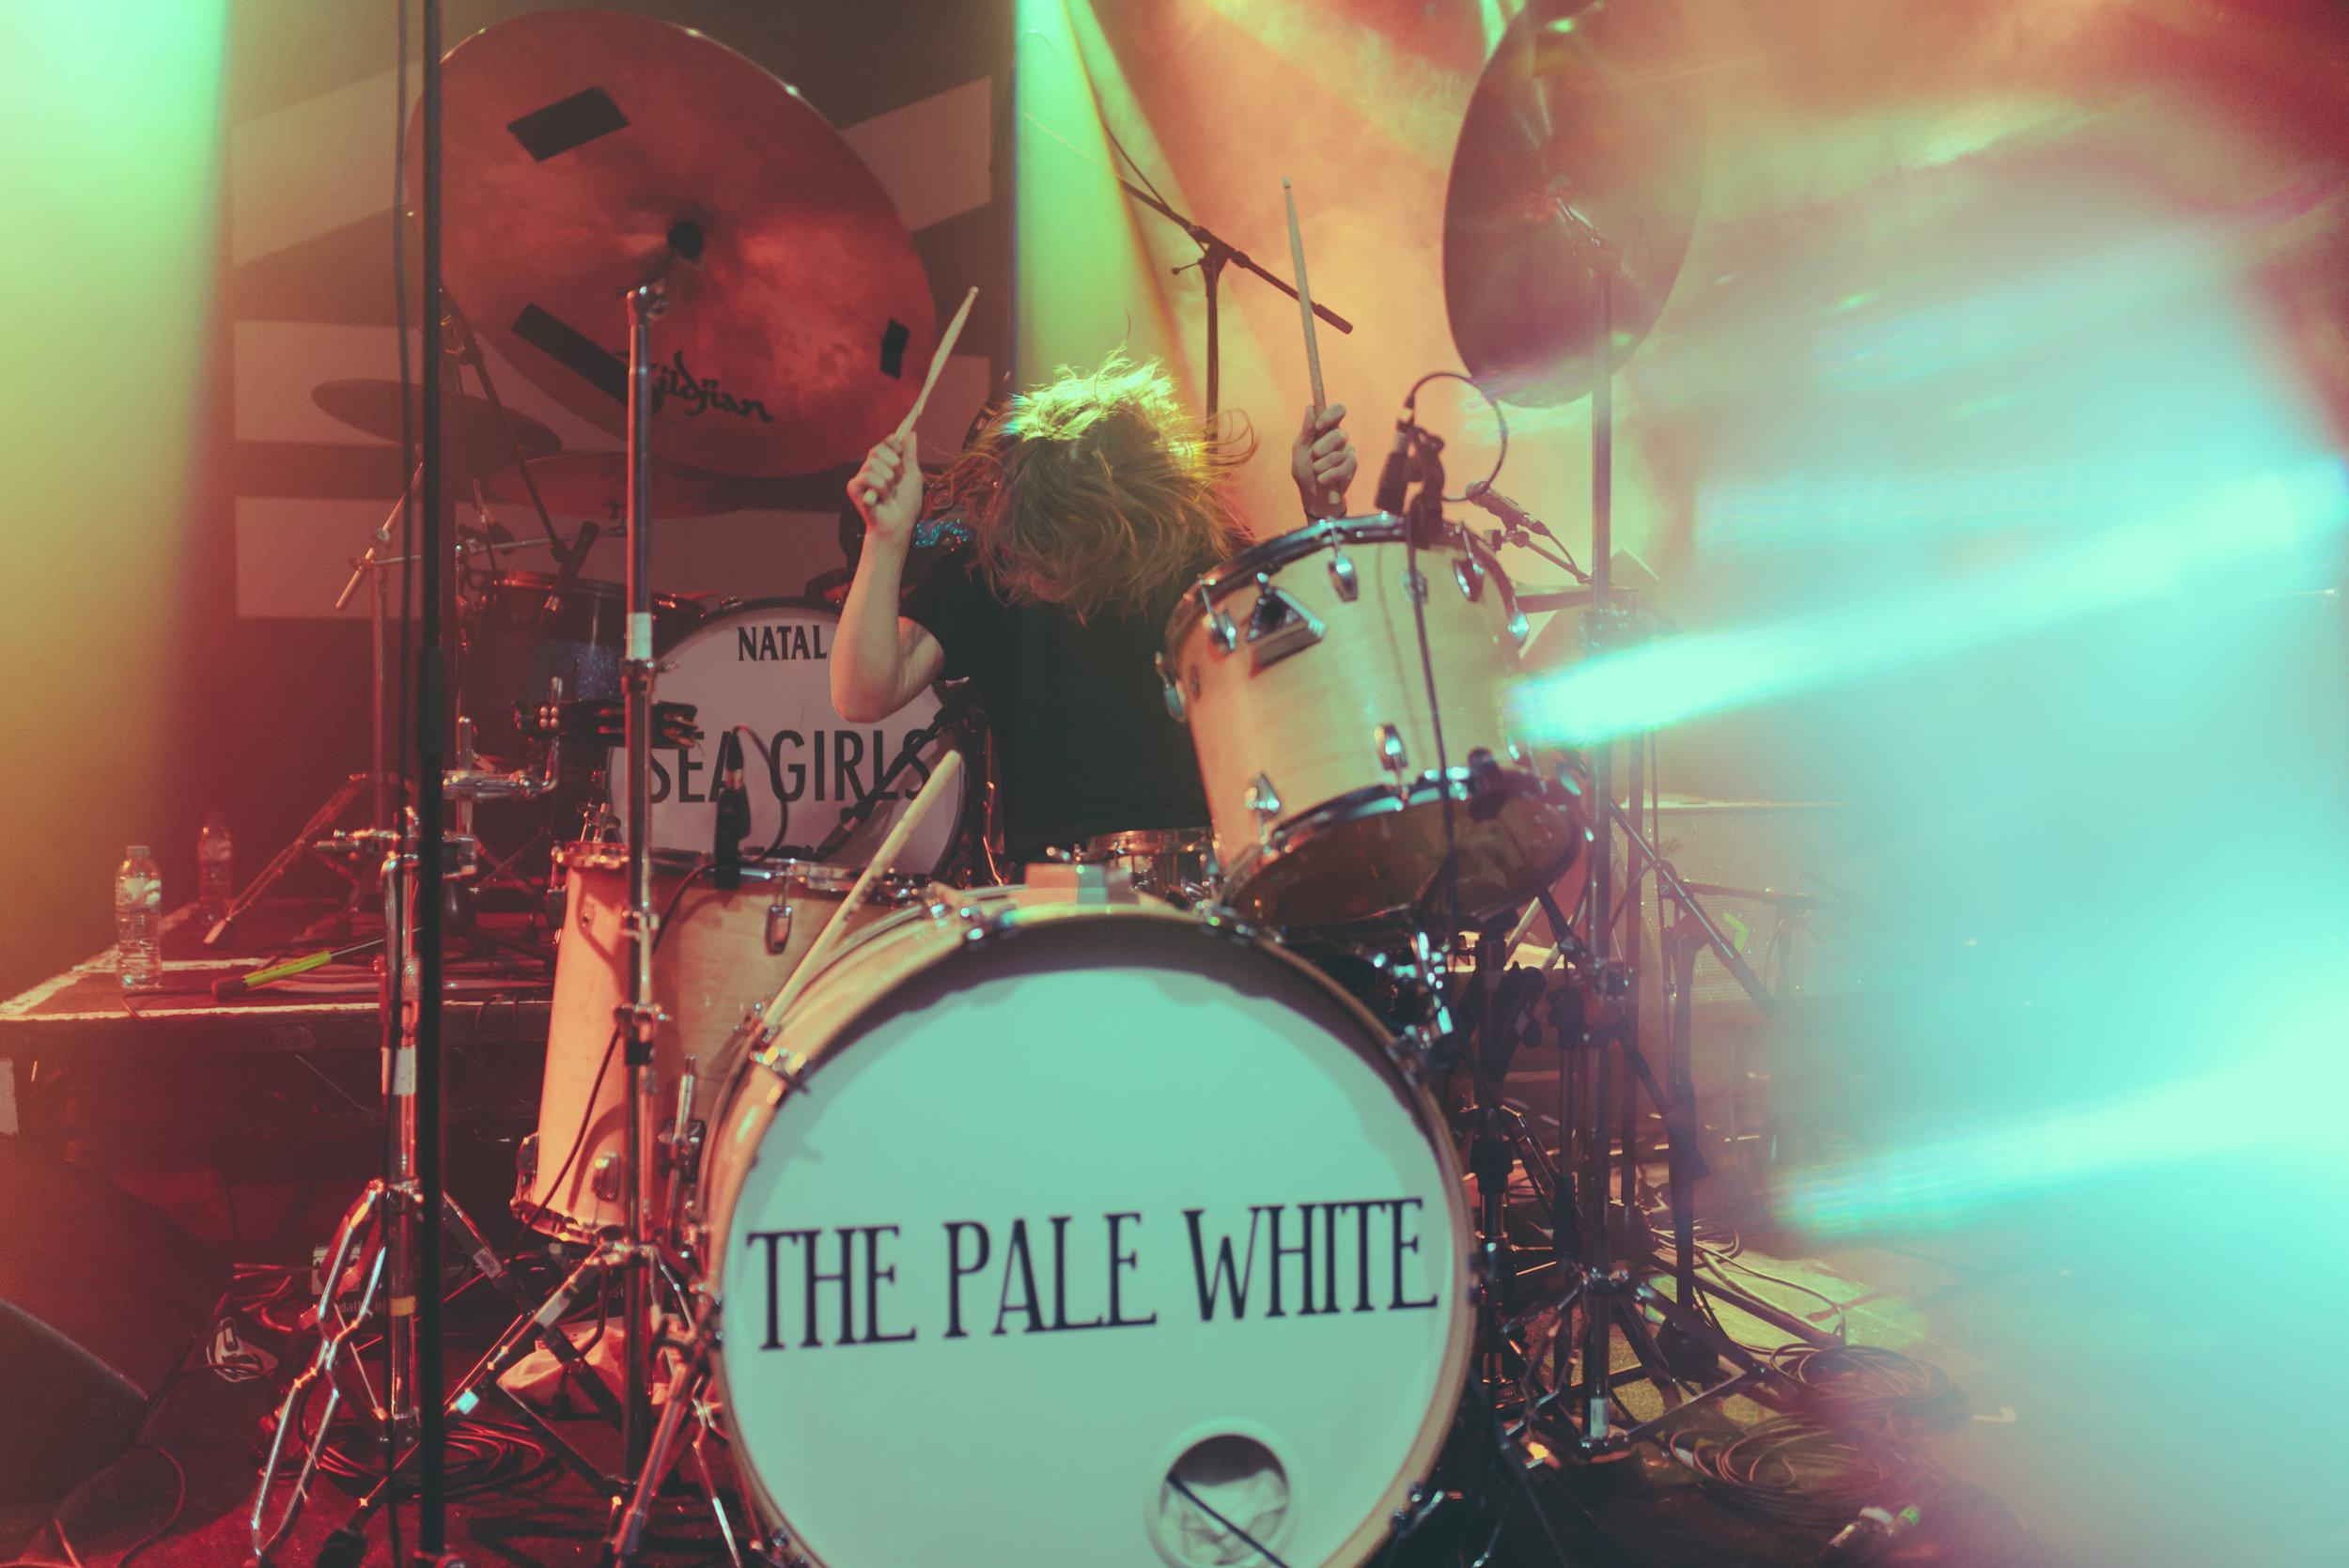 The-Pale-White-Sara-Feigin-016.jpg